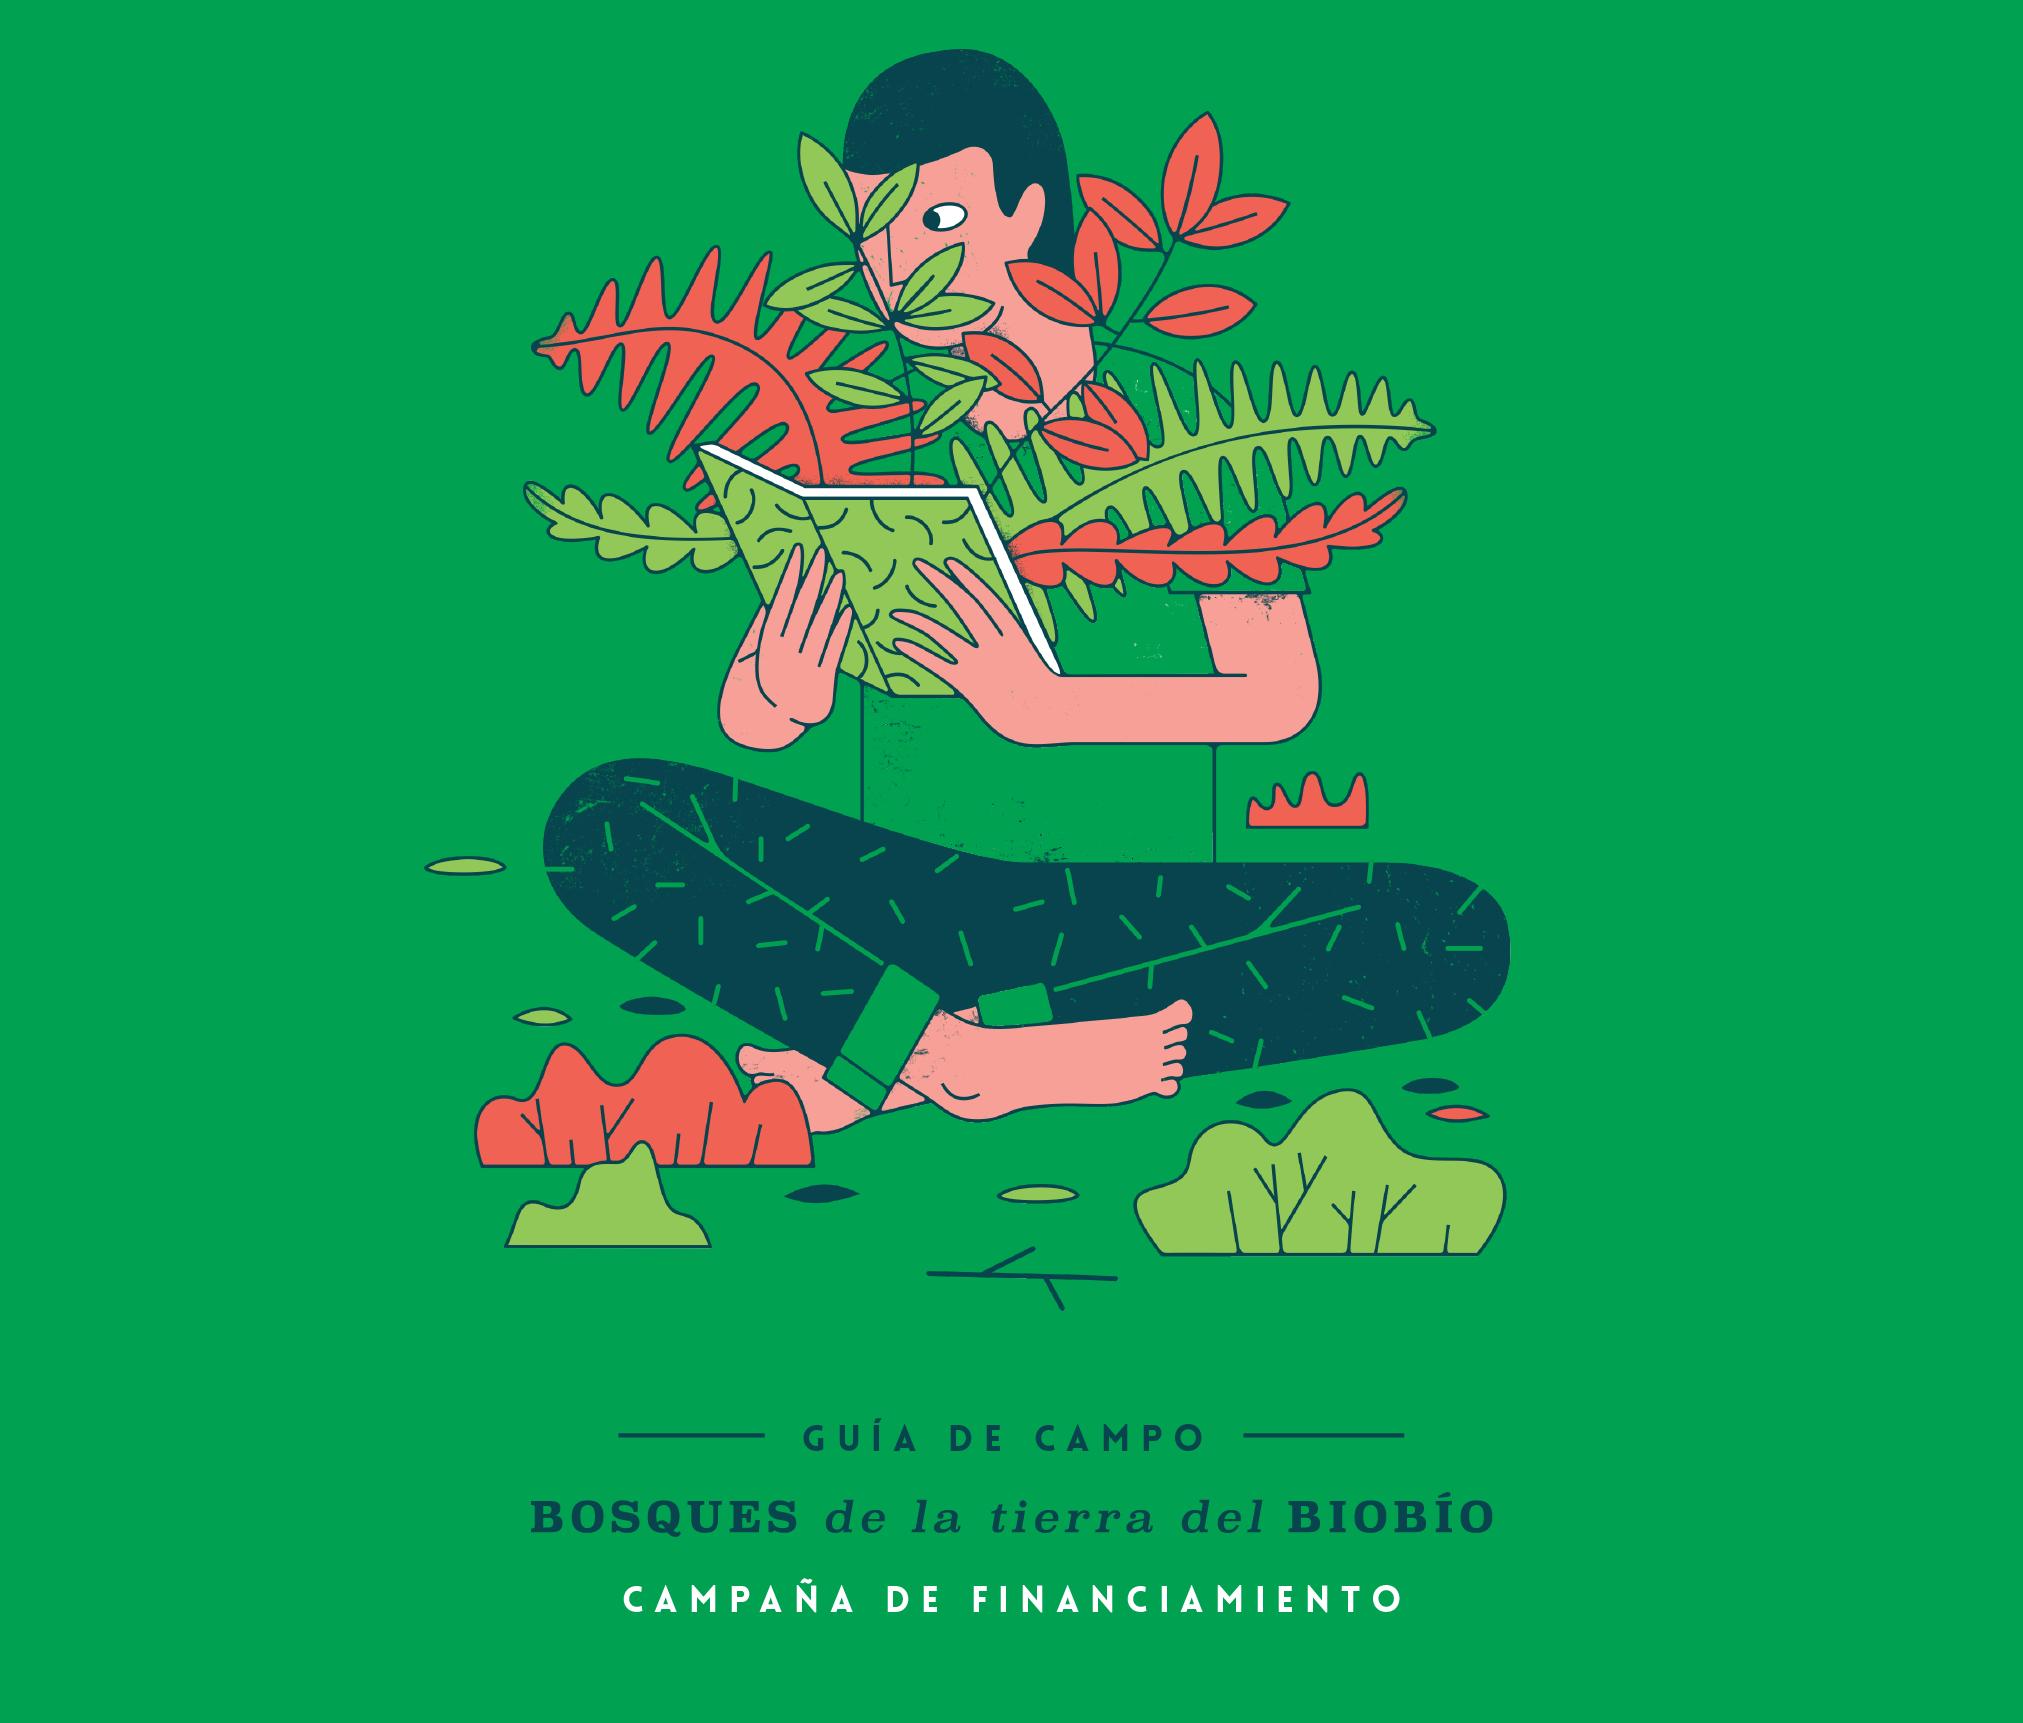 Campaña de financiamiento Guía de Campo Bosques de la tierra del Biobío